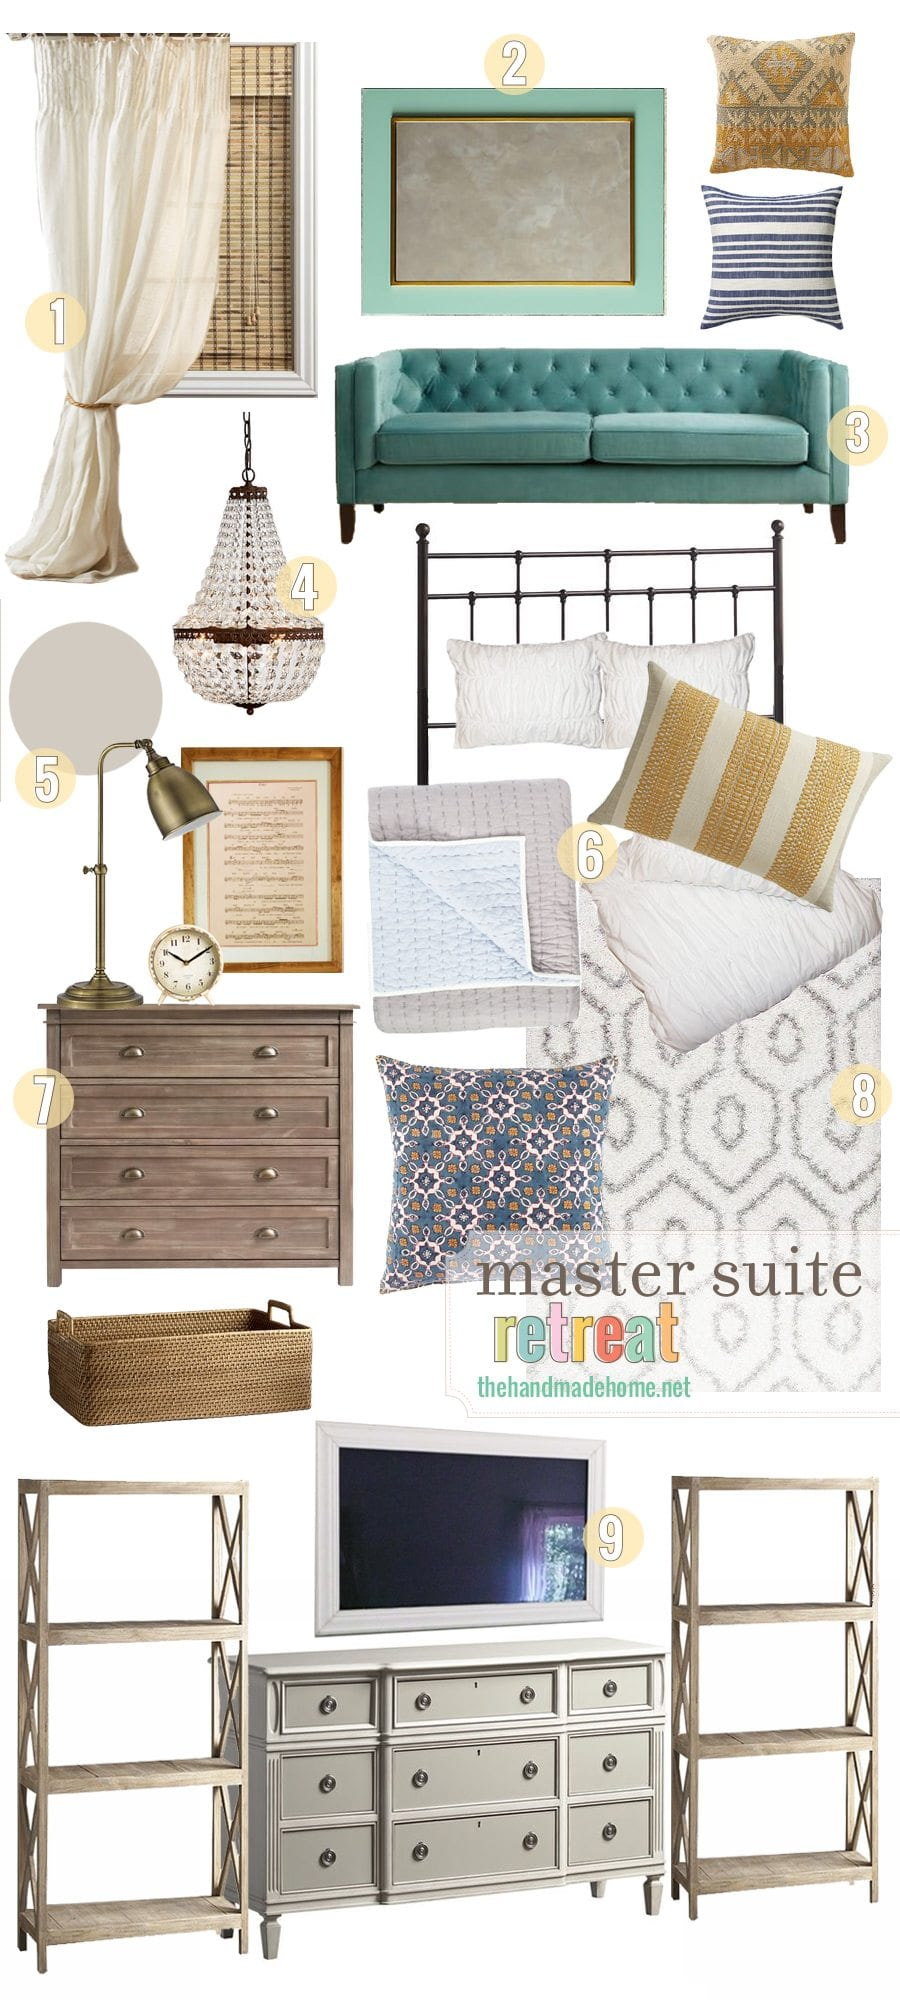 master_suite_retreat_ideas